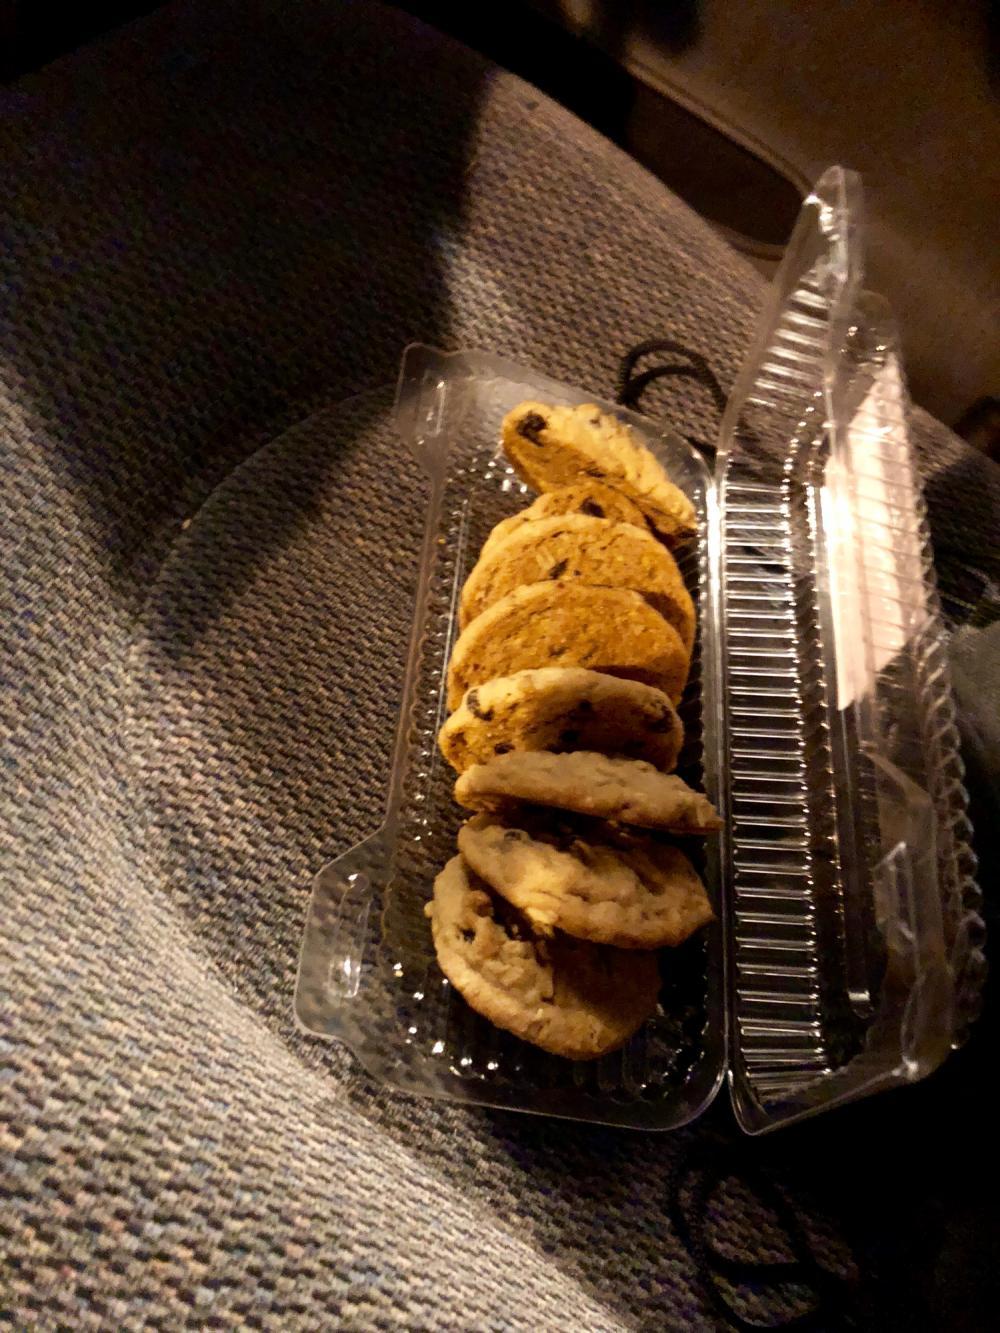 Cookies riding shotgun